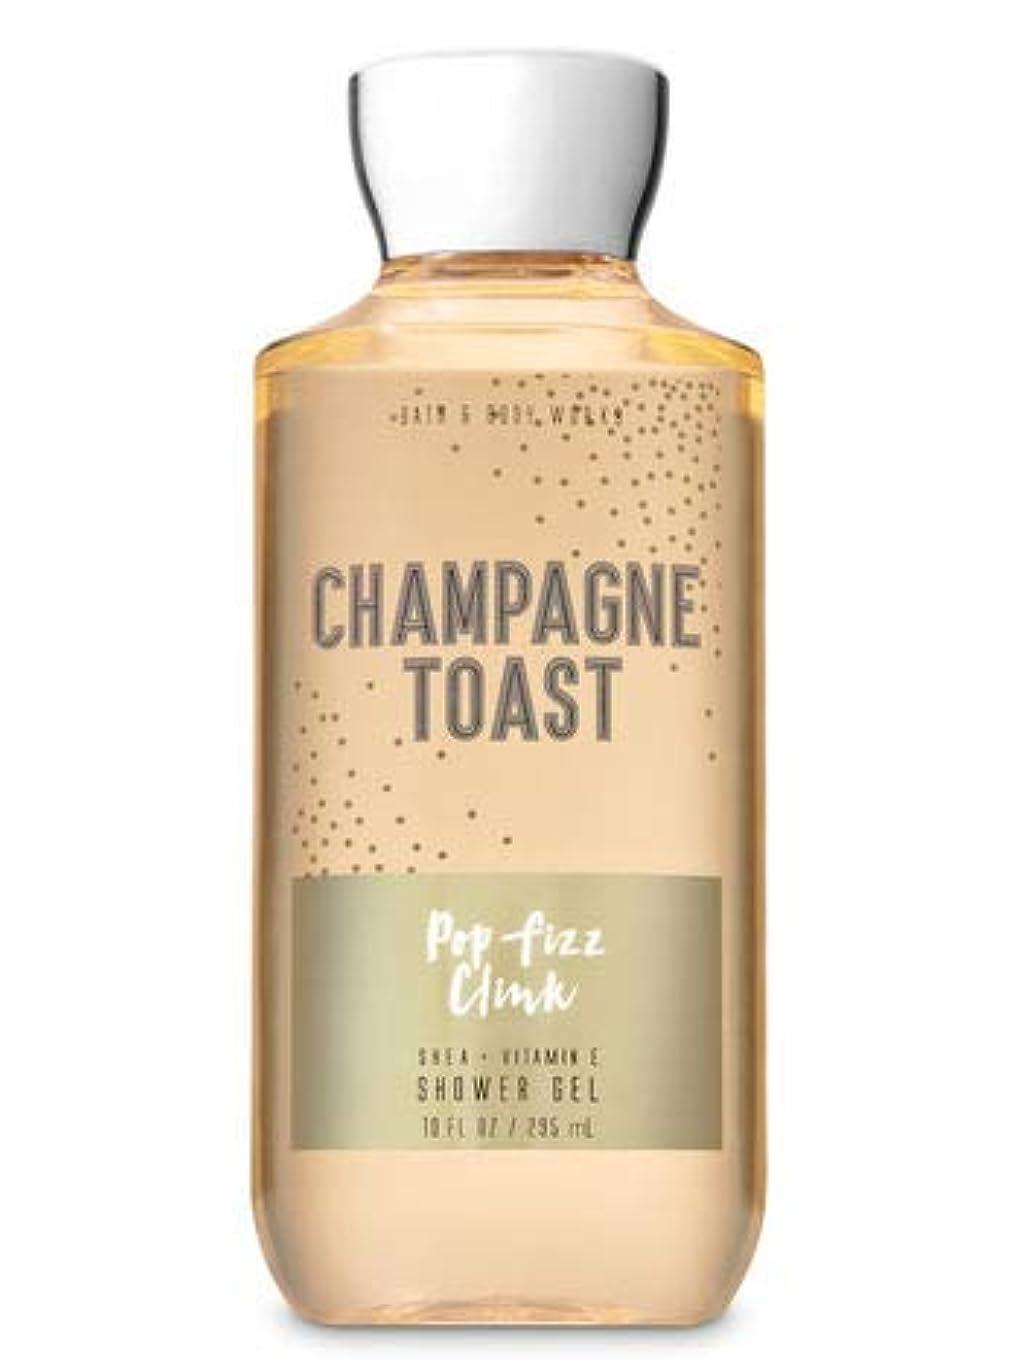 靴下クッションお酒【Bath&Body Works/バス&ボディワークス】 シャワージェル シャンパントースト Shower Gel Champagne Toast 10 fl oz / 295 mL [並行輸入品]